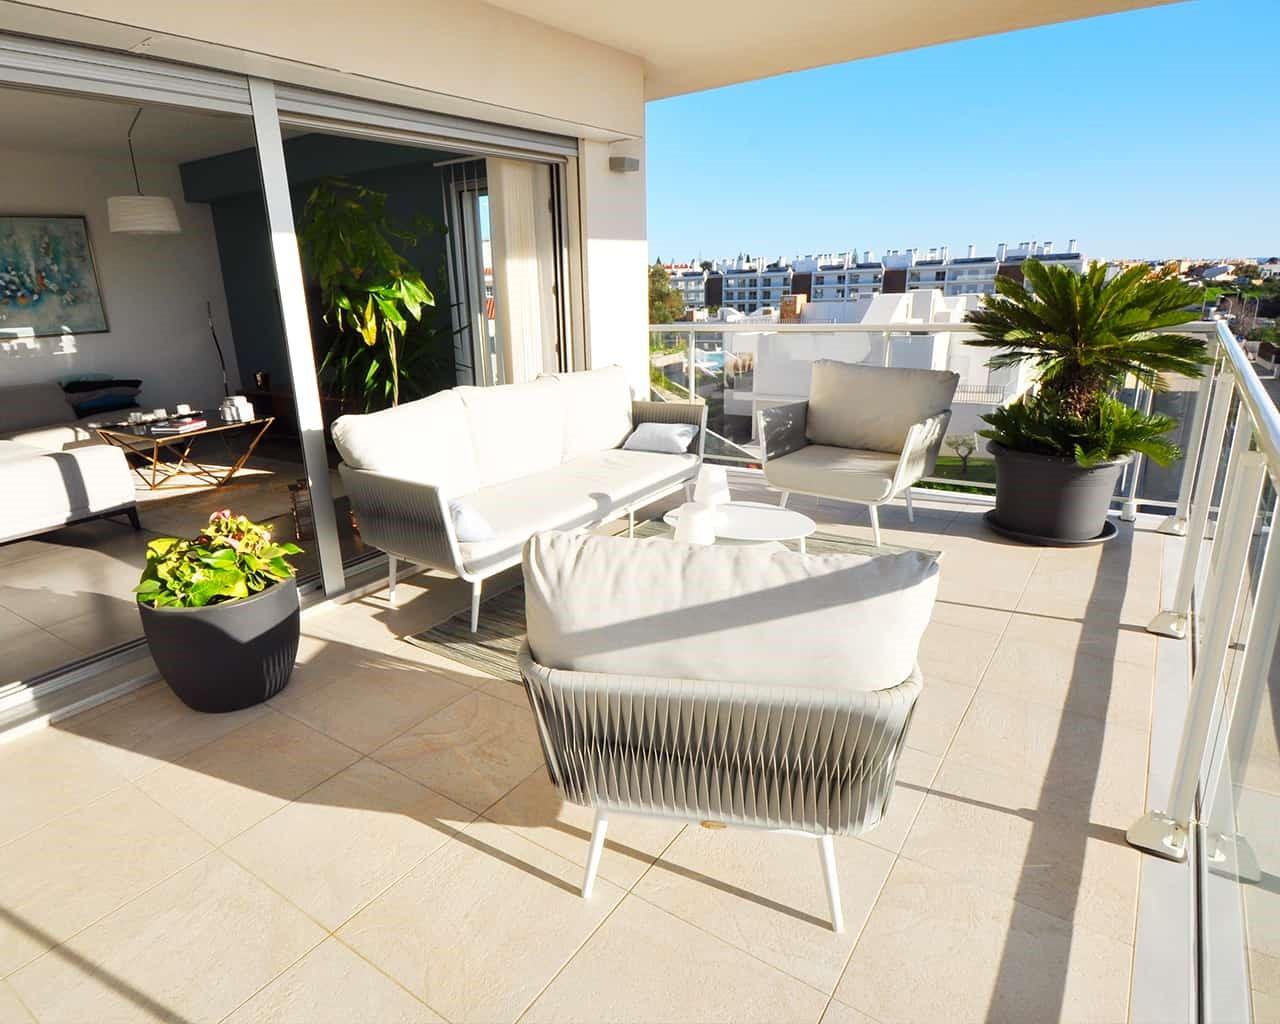 apartement-albufeira-terrace1